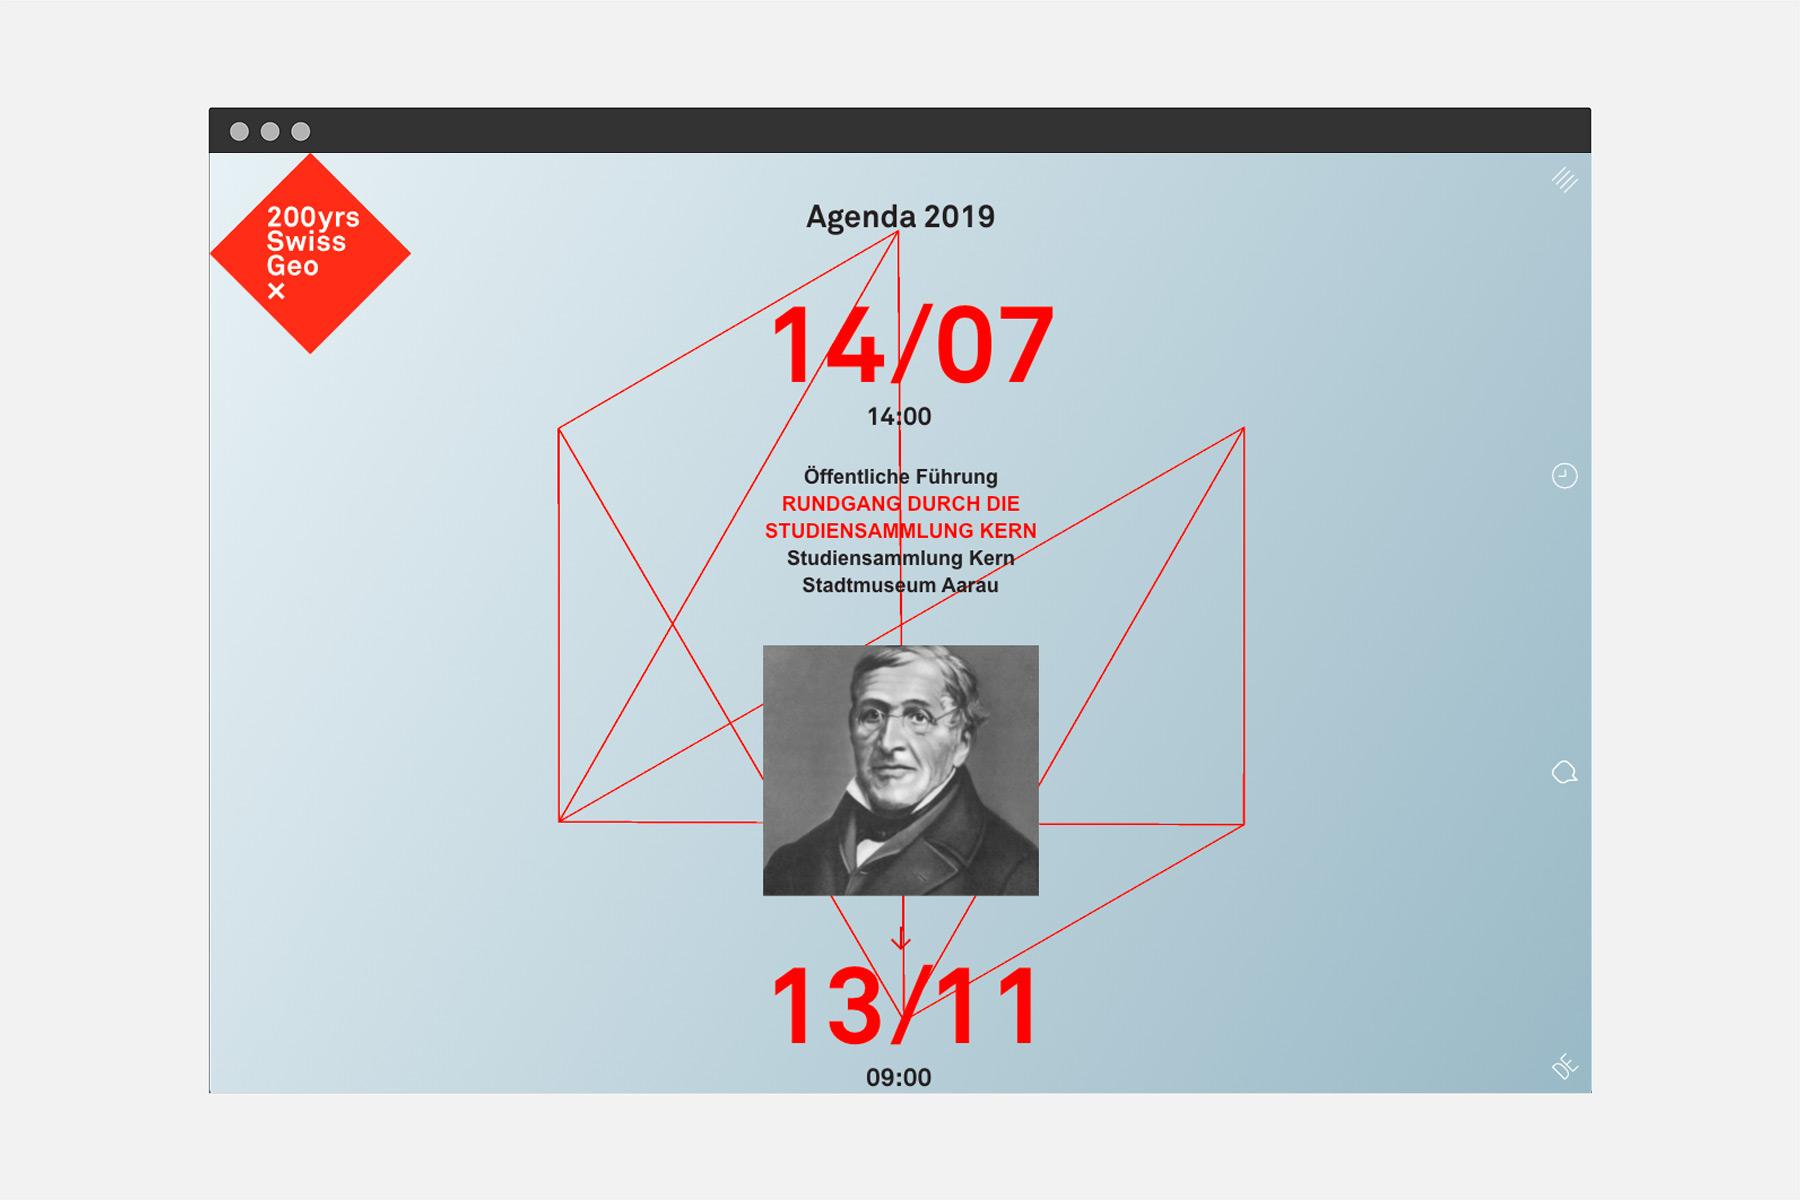 Hexagon 200 Jahre Swiss Geo x